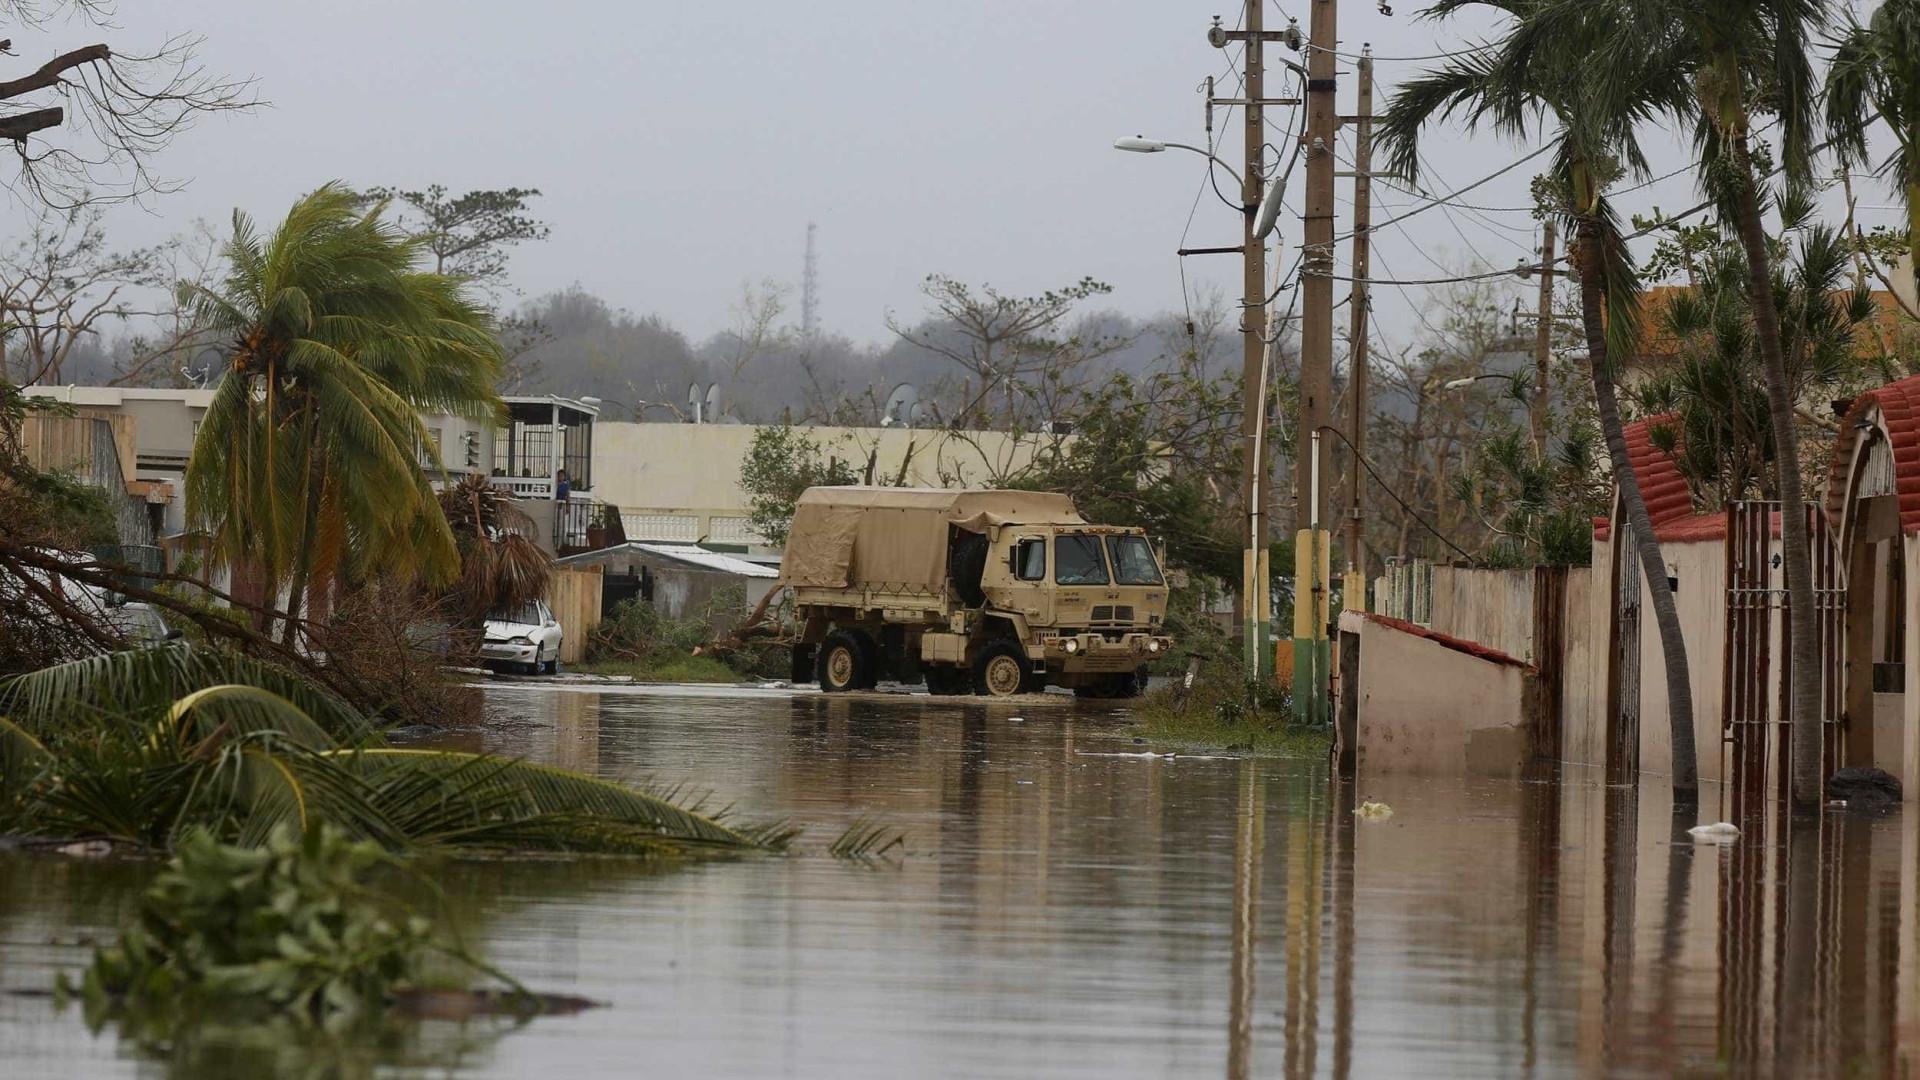 Furacão Maria atinge a categoria 5 e ameaça ilhas do Caribe